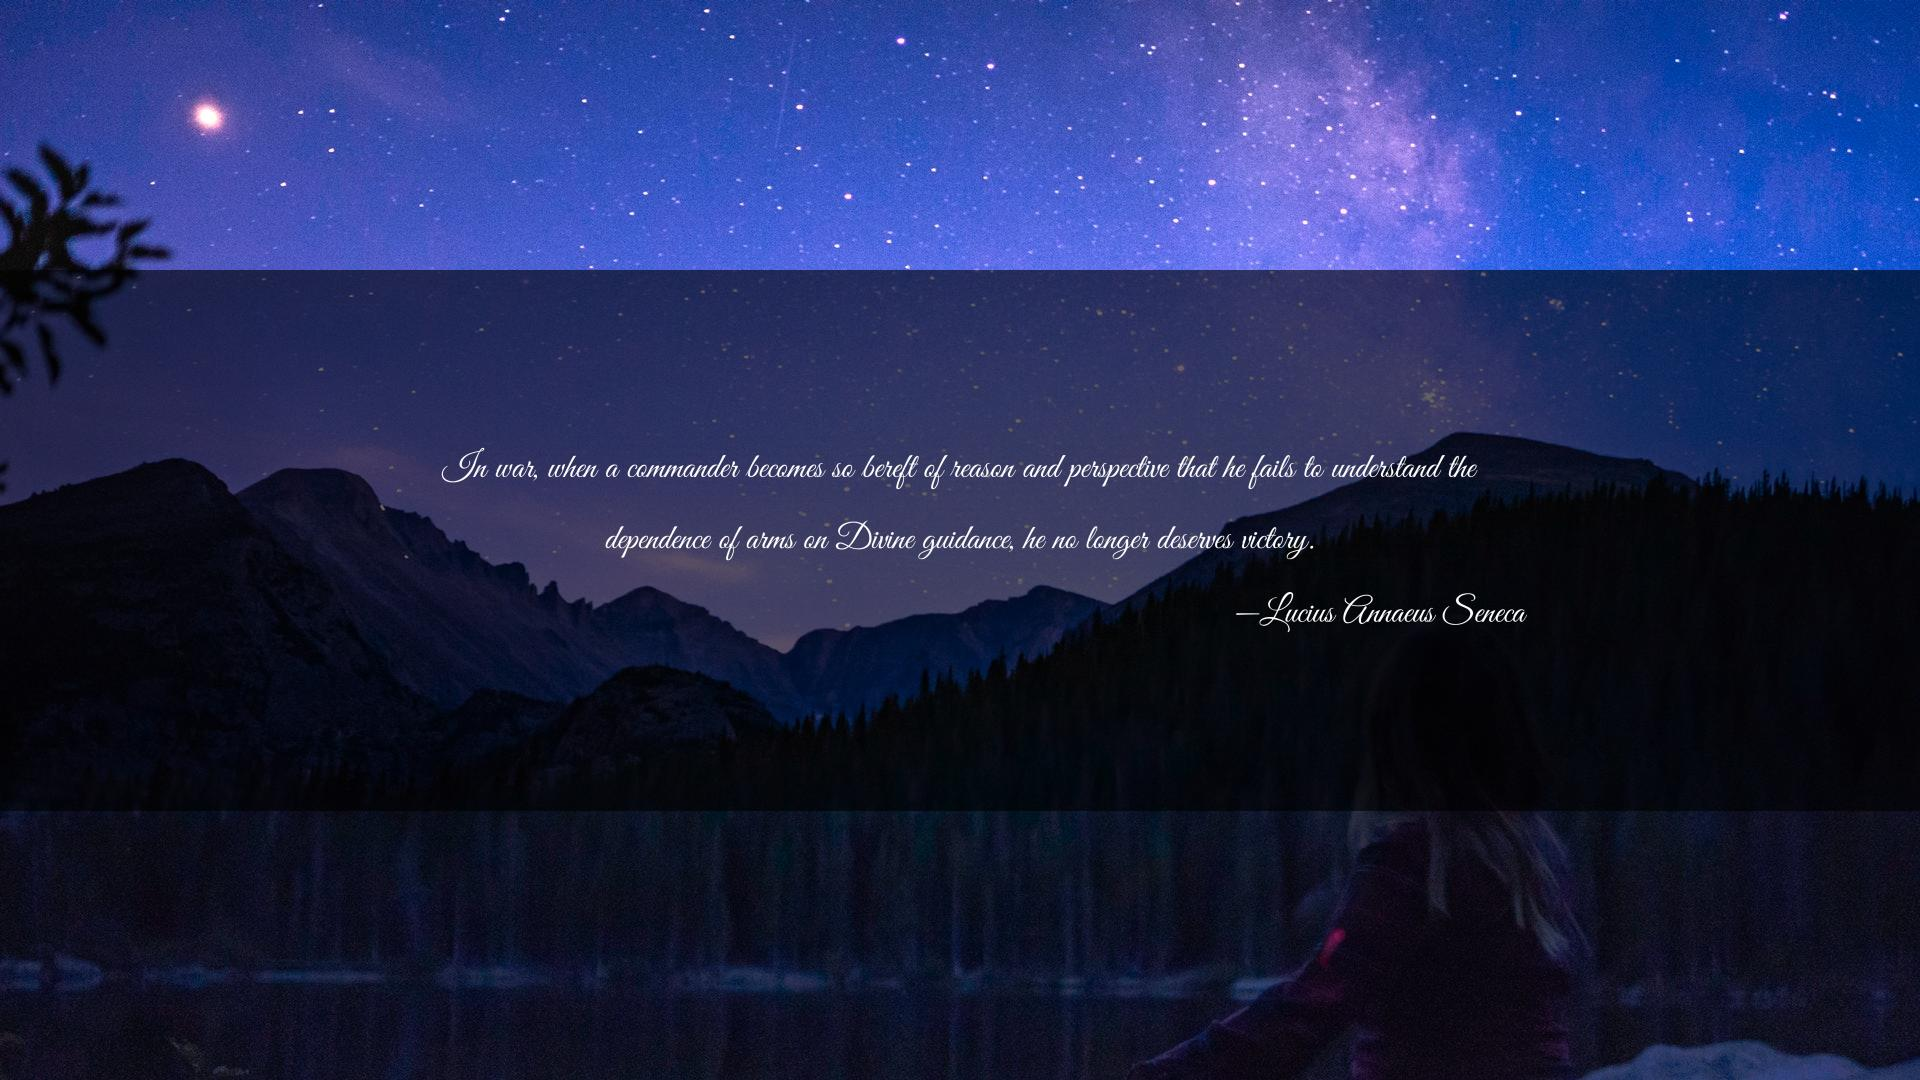 A quote by Lucius Annaeus Seneca